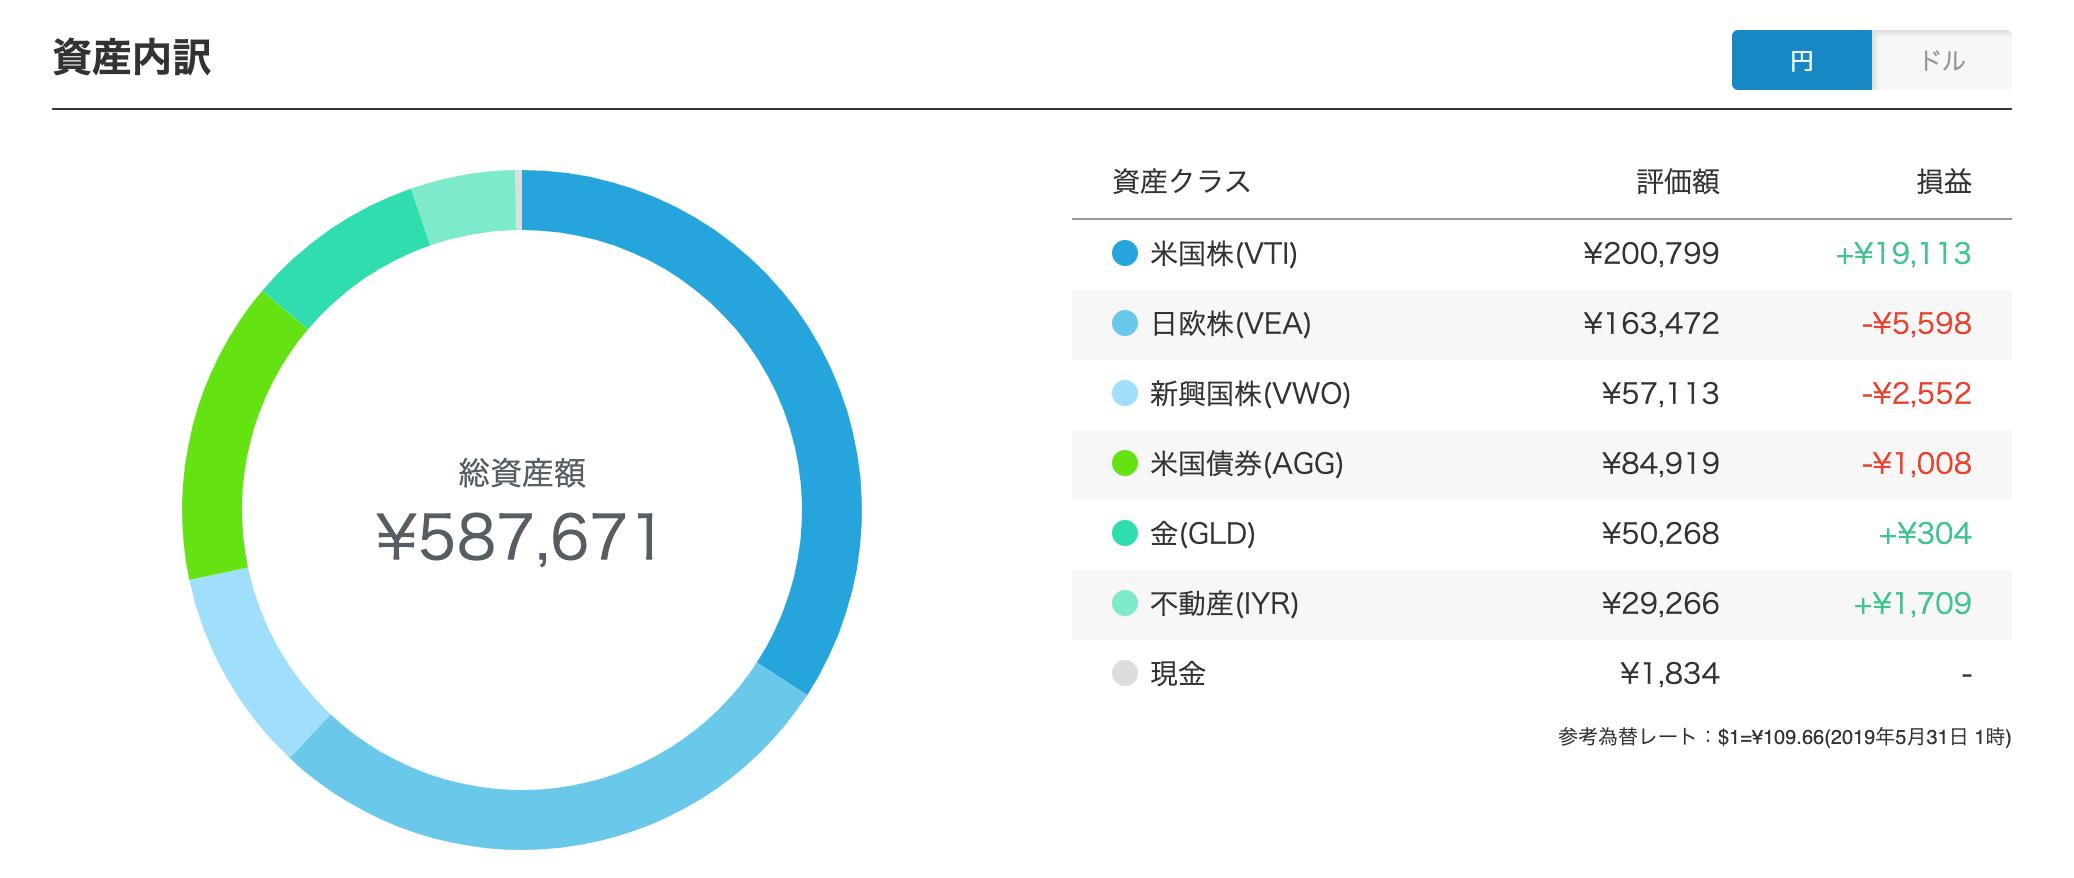 ウェルスナビ ポートフォリオ円建て(2019年5月末